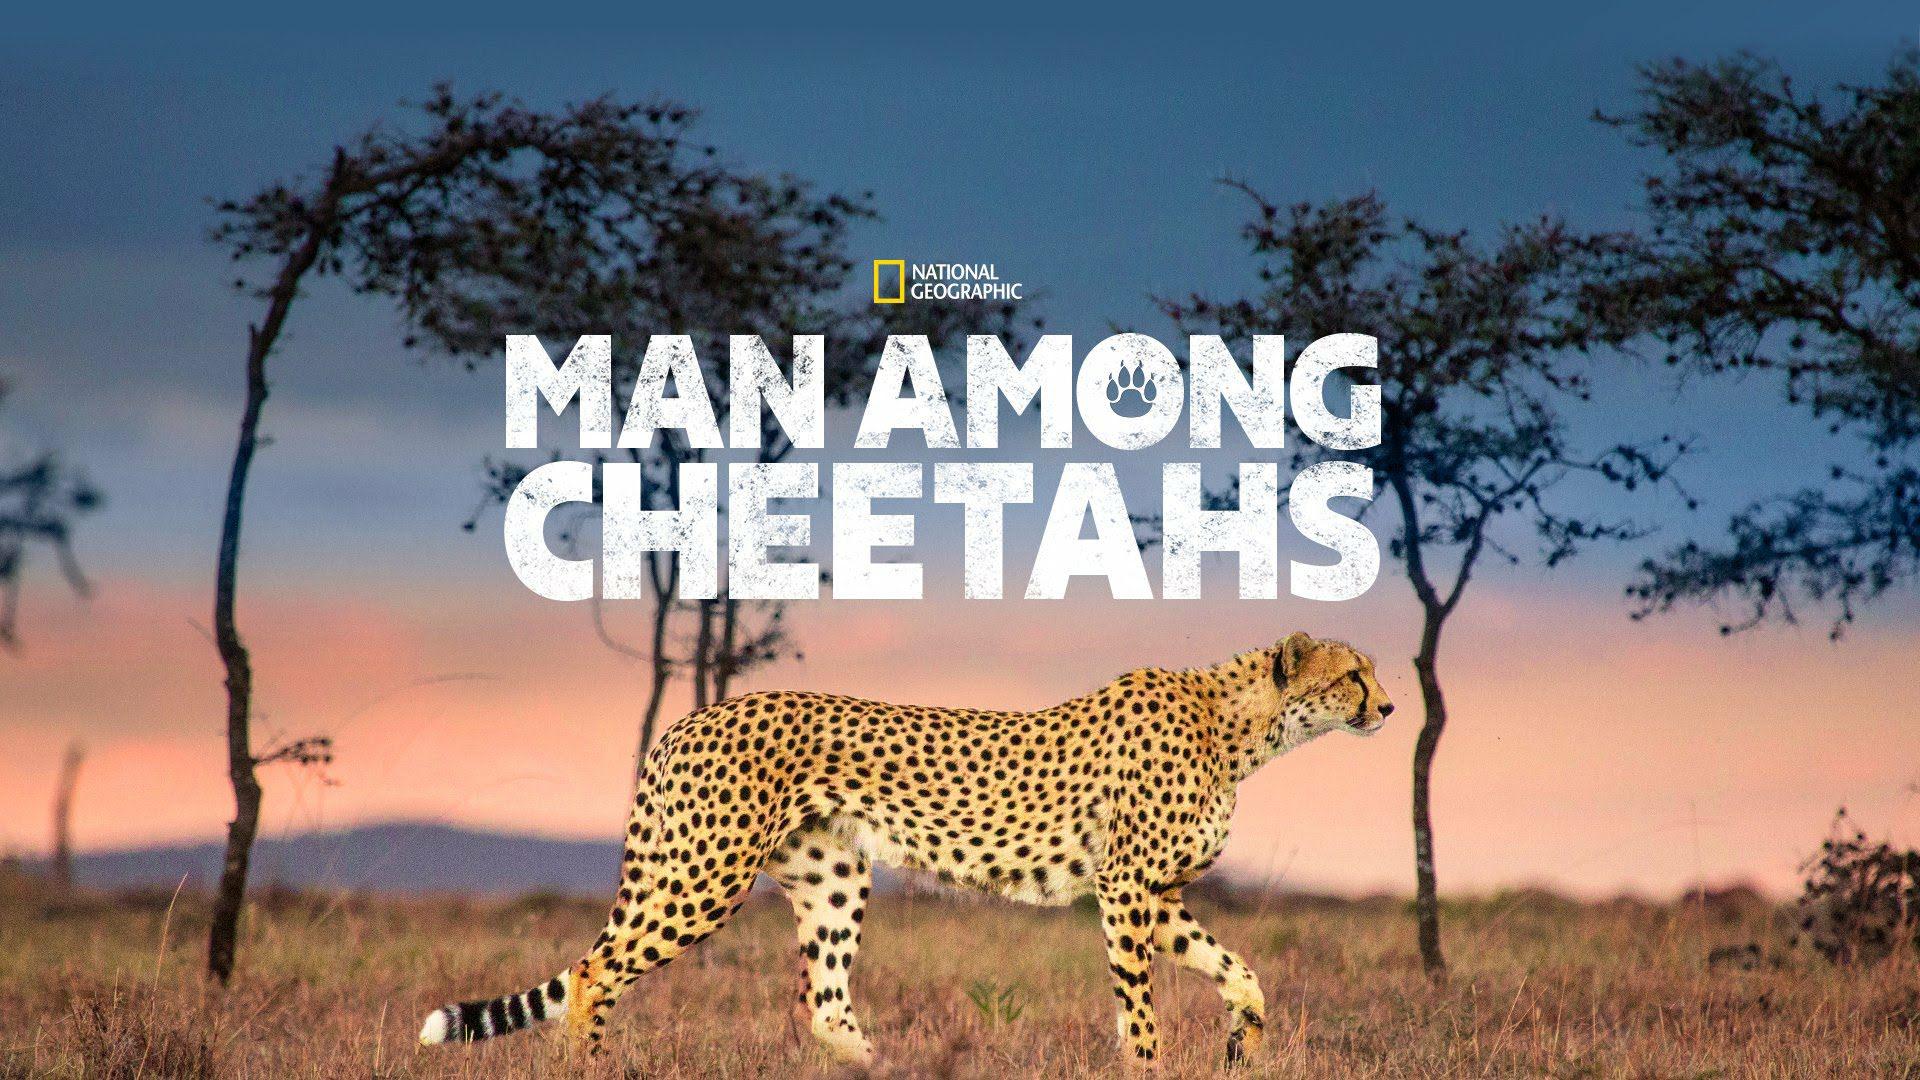 affiche poster milieu guepards man among cheetah disney nat geo